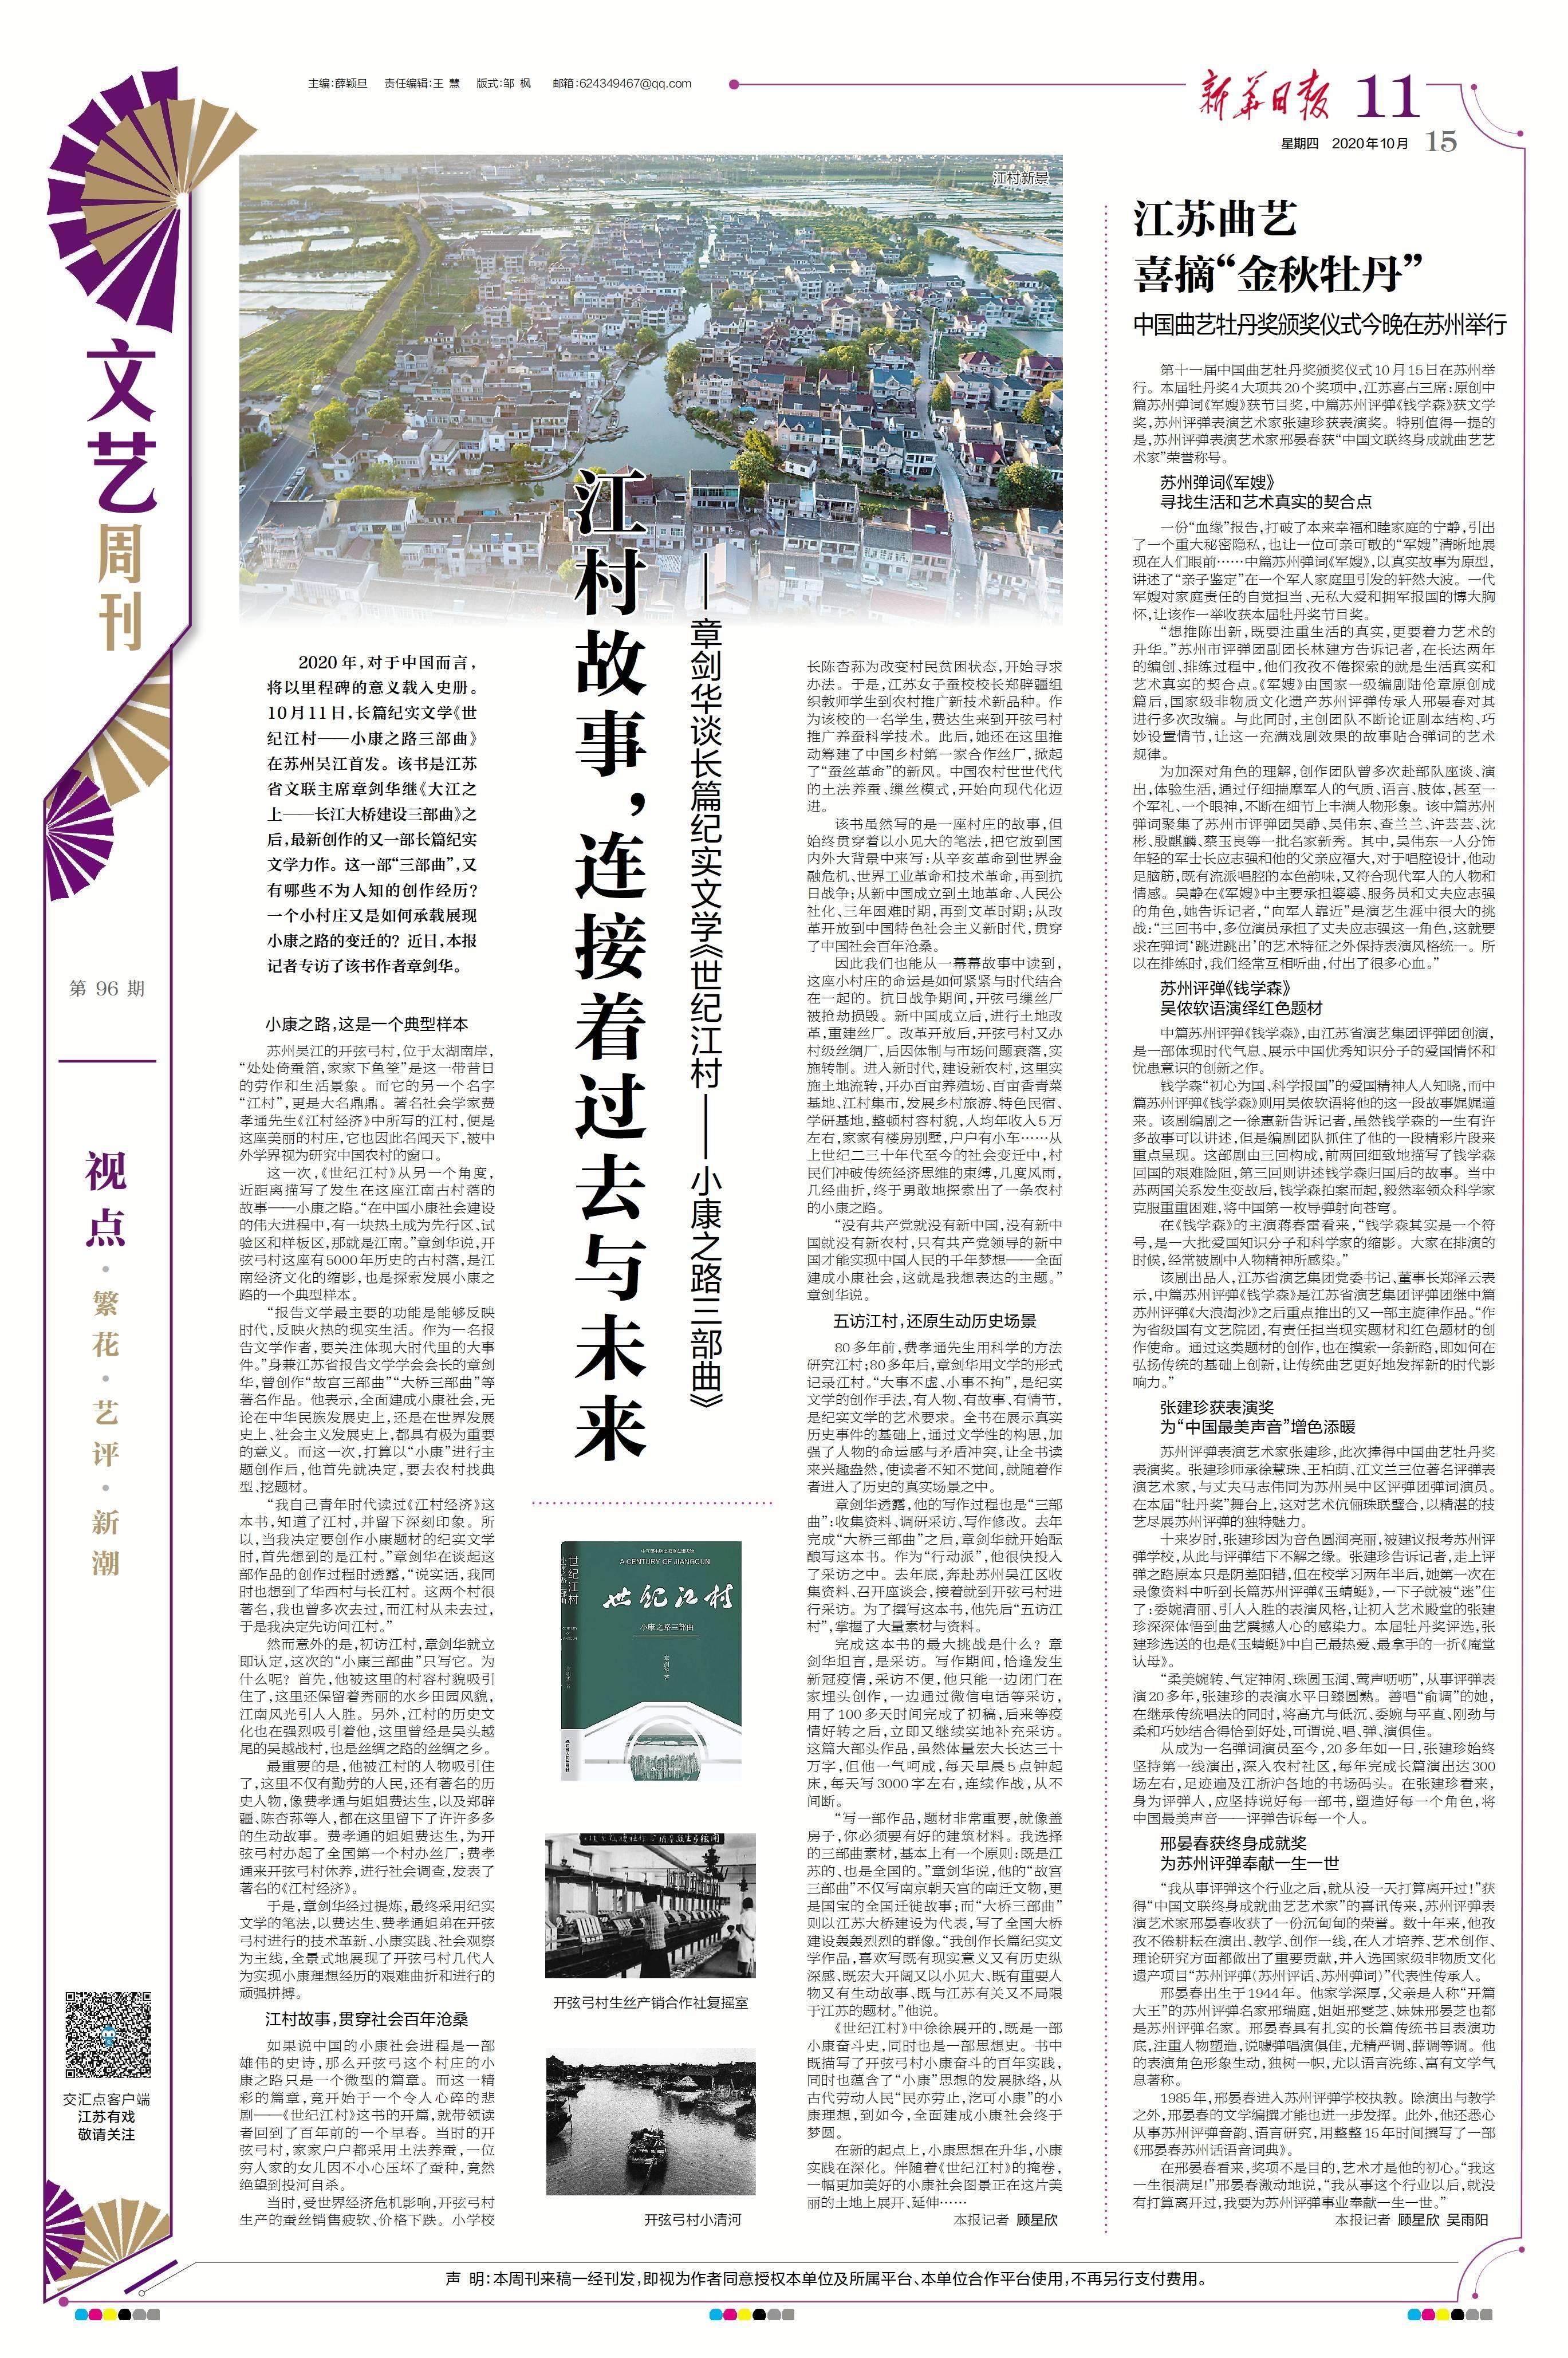 章剑华谈《世纪江村》、扬子江诗会探讨当代诗歌、丹青里的小康之路|文艺周刊荐读